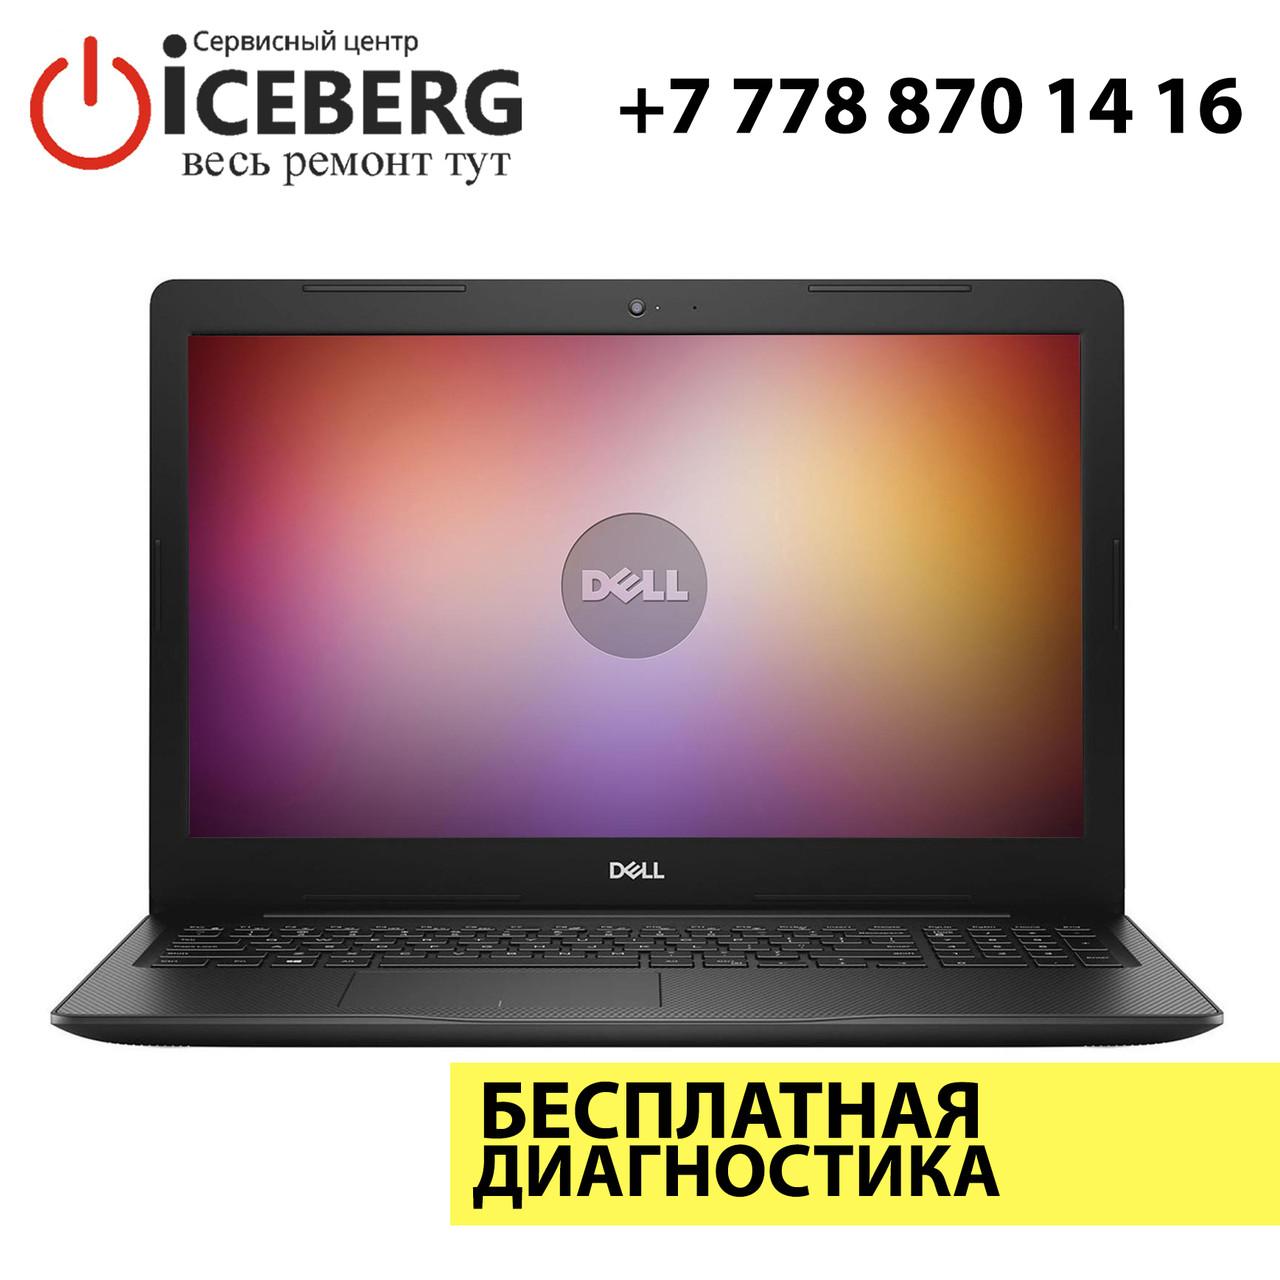 Ремонт ноутбуков DELL Vostro